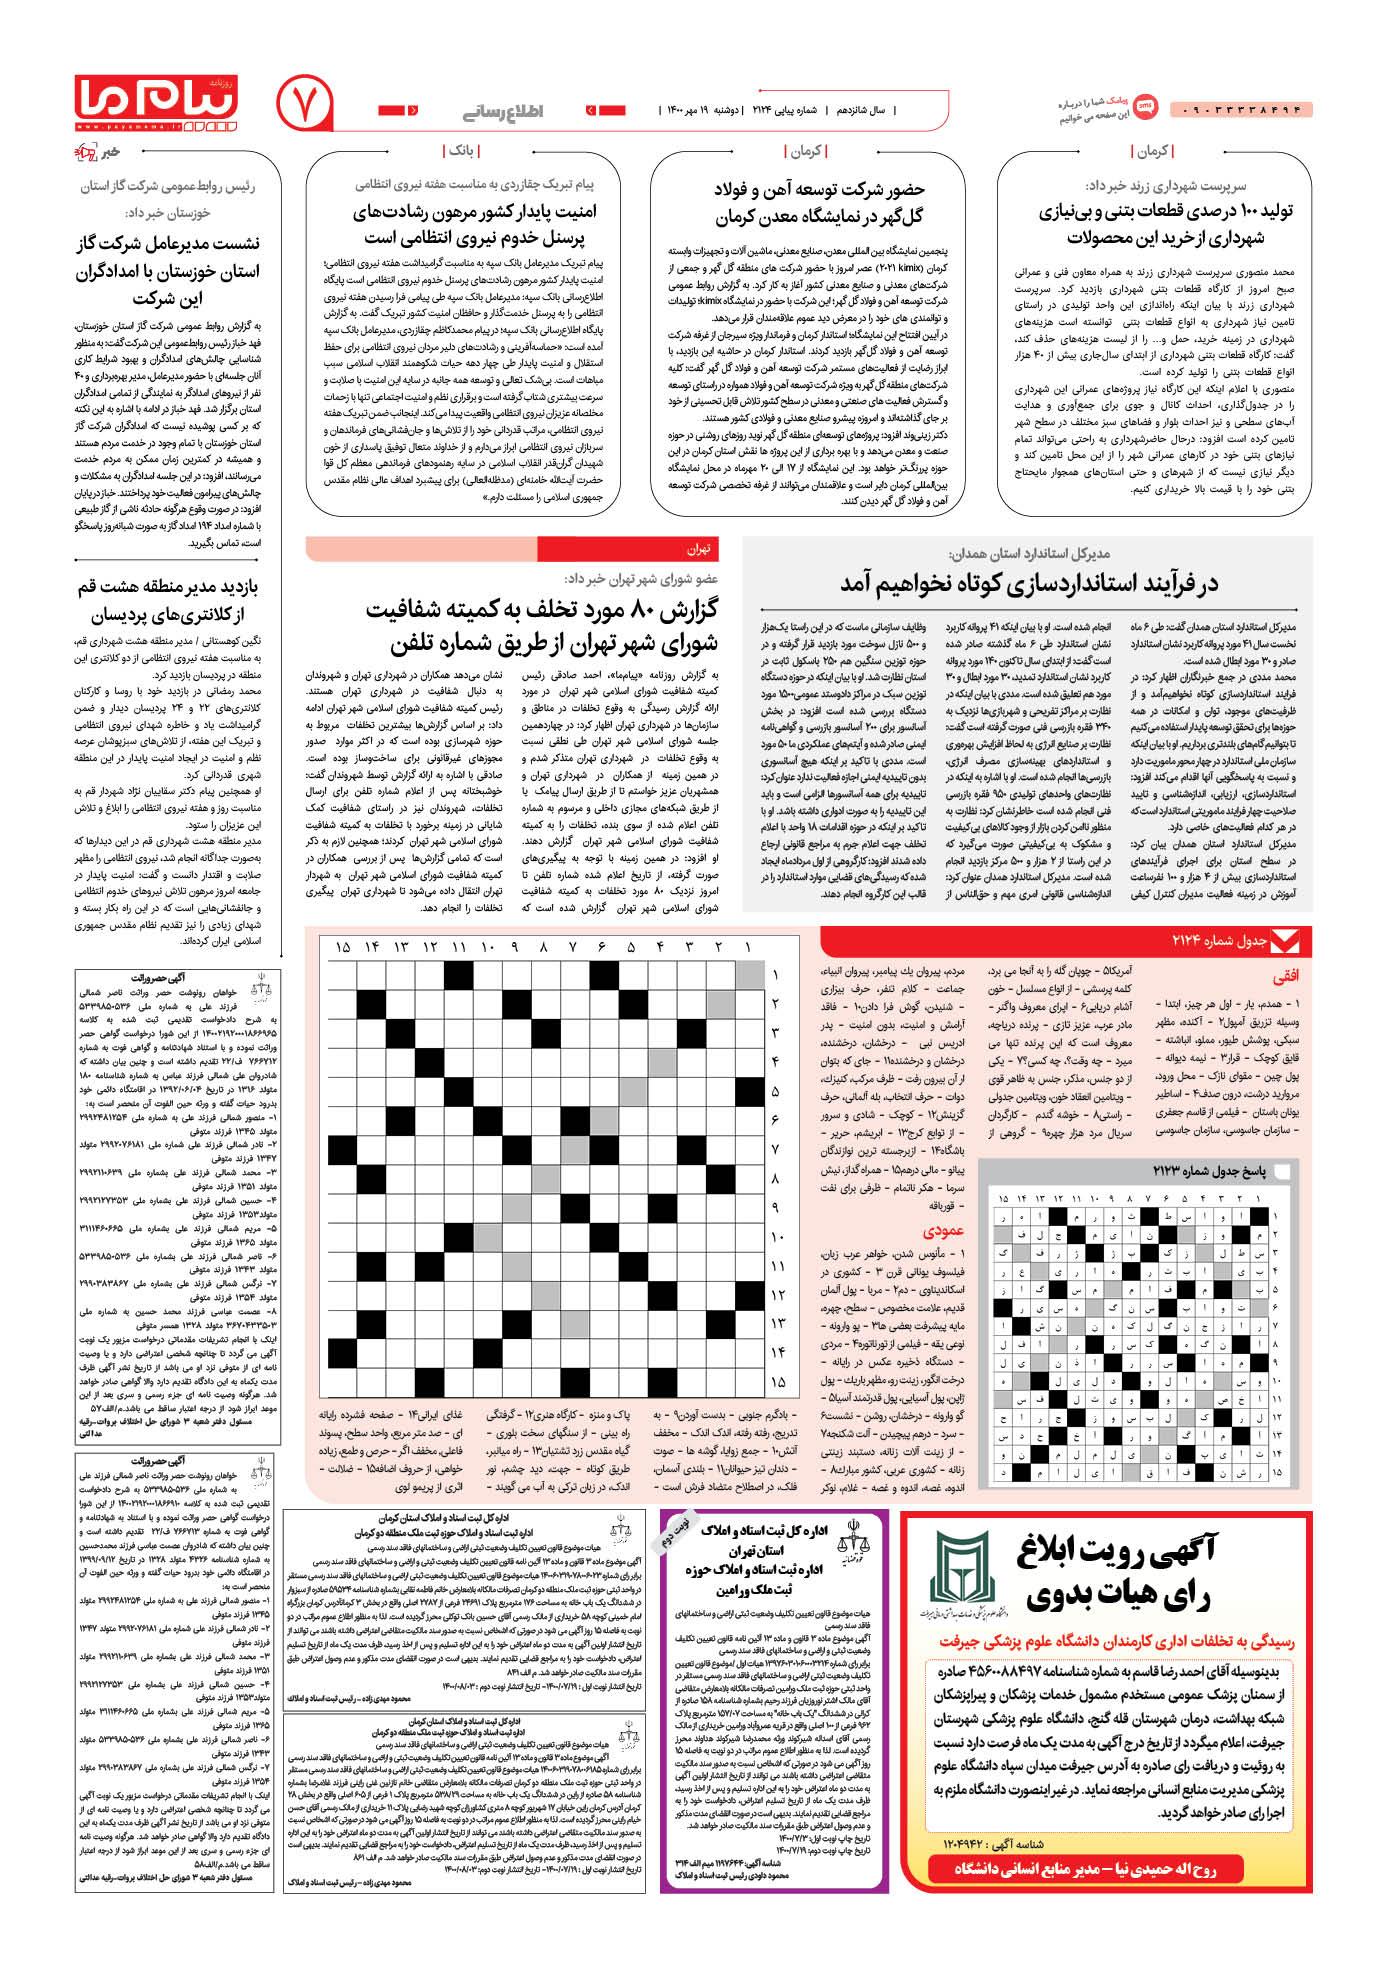 صفحه اطلاع رسانی شماره 2124 روزنامه پیام ما